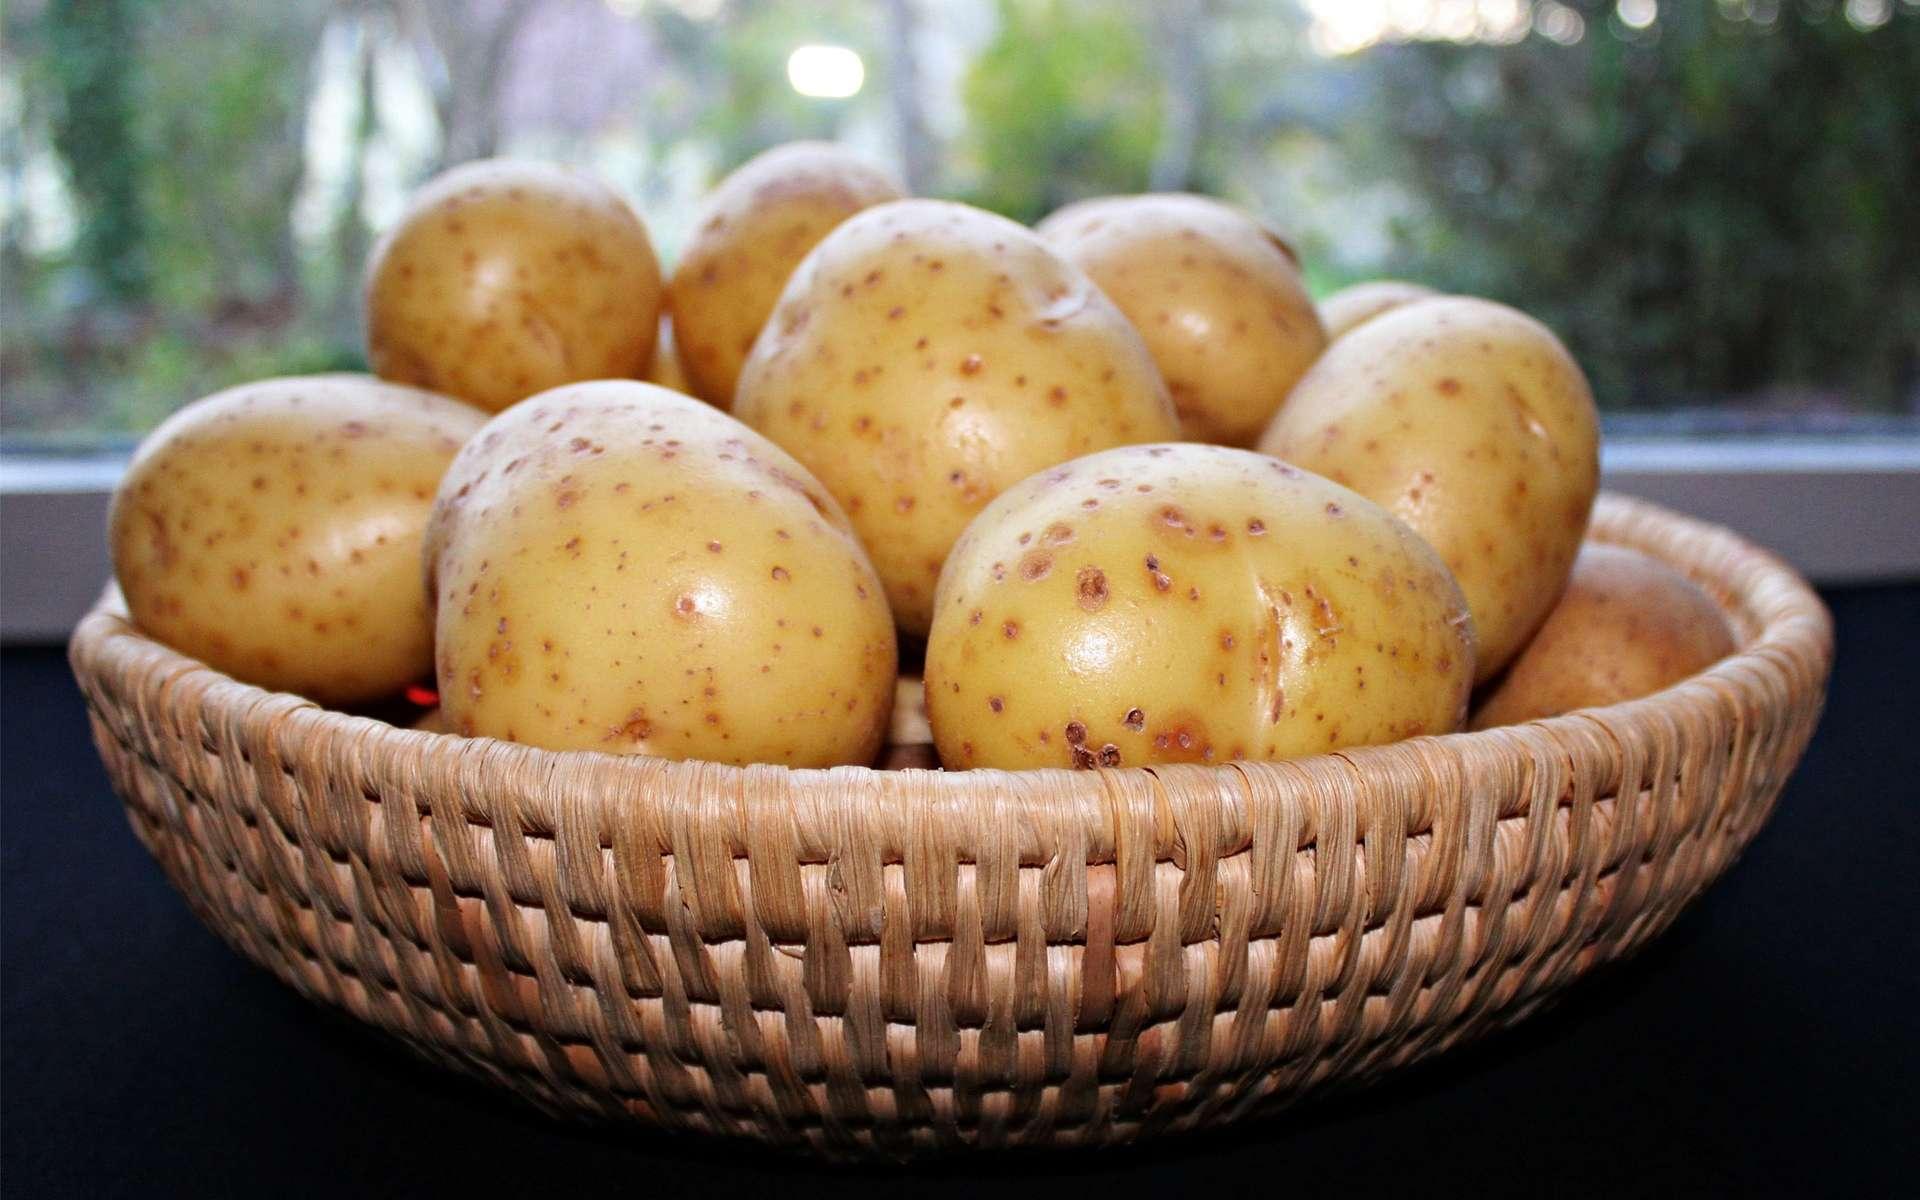 Contrairement aux idées reçues, la pomme de terre est assez pauvre en calories si elle n'est pas accompagnée de sauces ou de graisses. © Pixabay